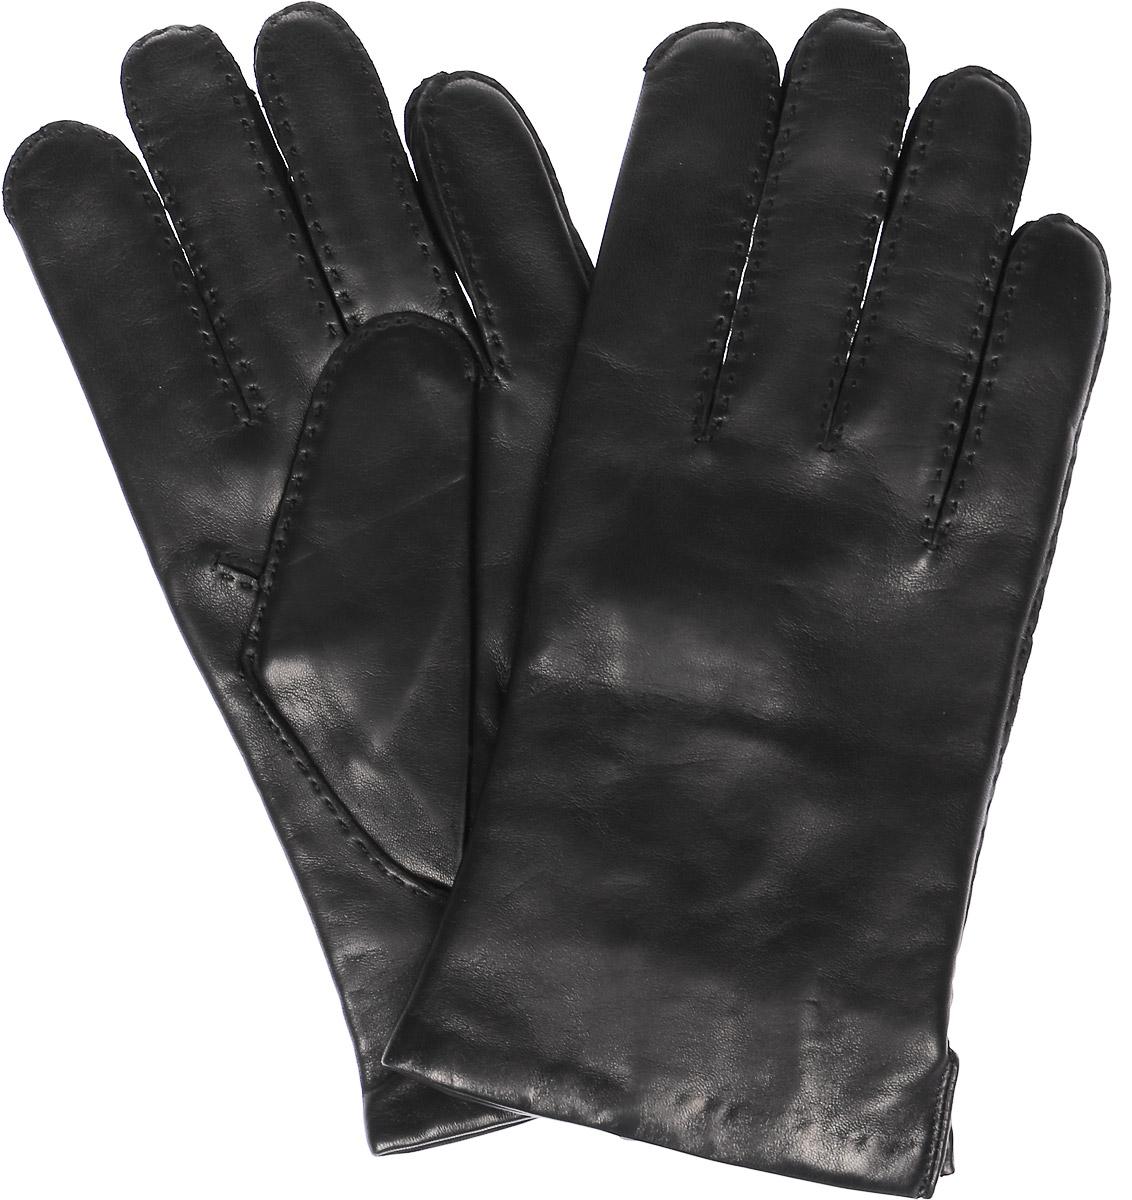 ПерчаткиK11-PORINGE/BLМужские перчатки Michel Katana не только защитят ваши руки, но и станут великолепным украшением. Перчатки выполнены из натуральной кожи, а подкладка - из высококачественной шерсти.